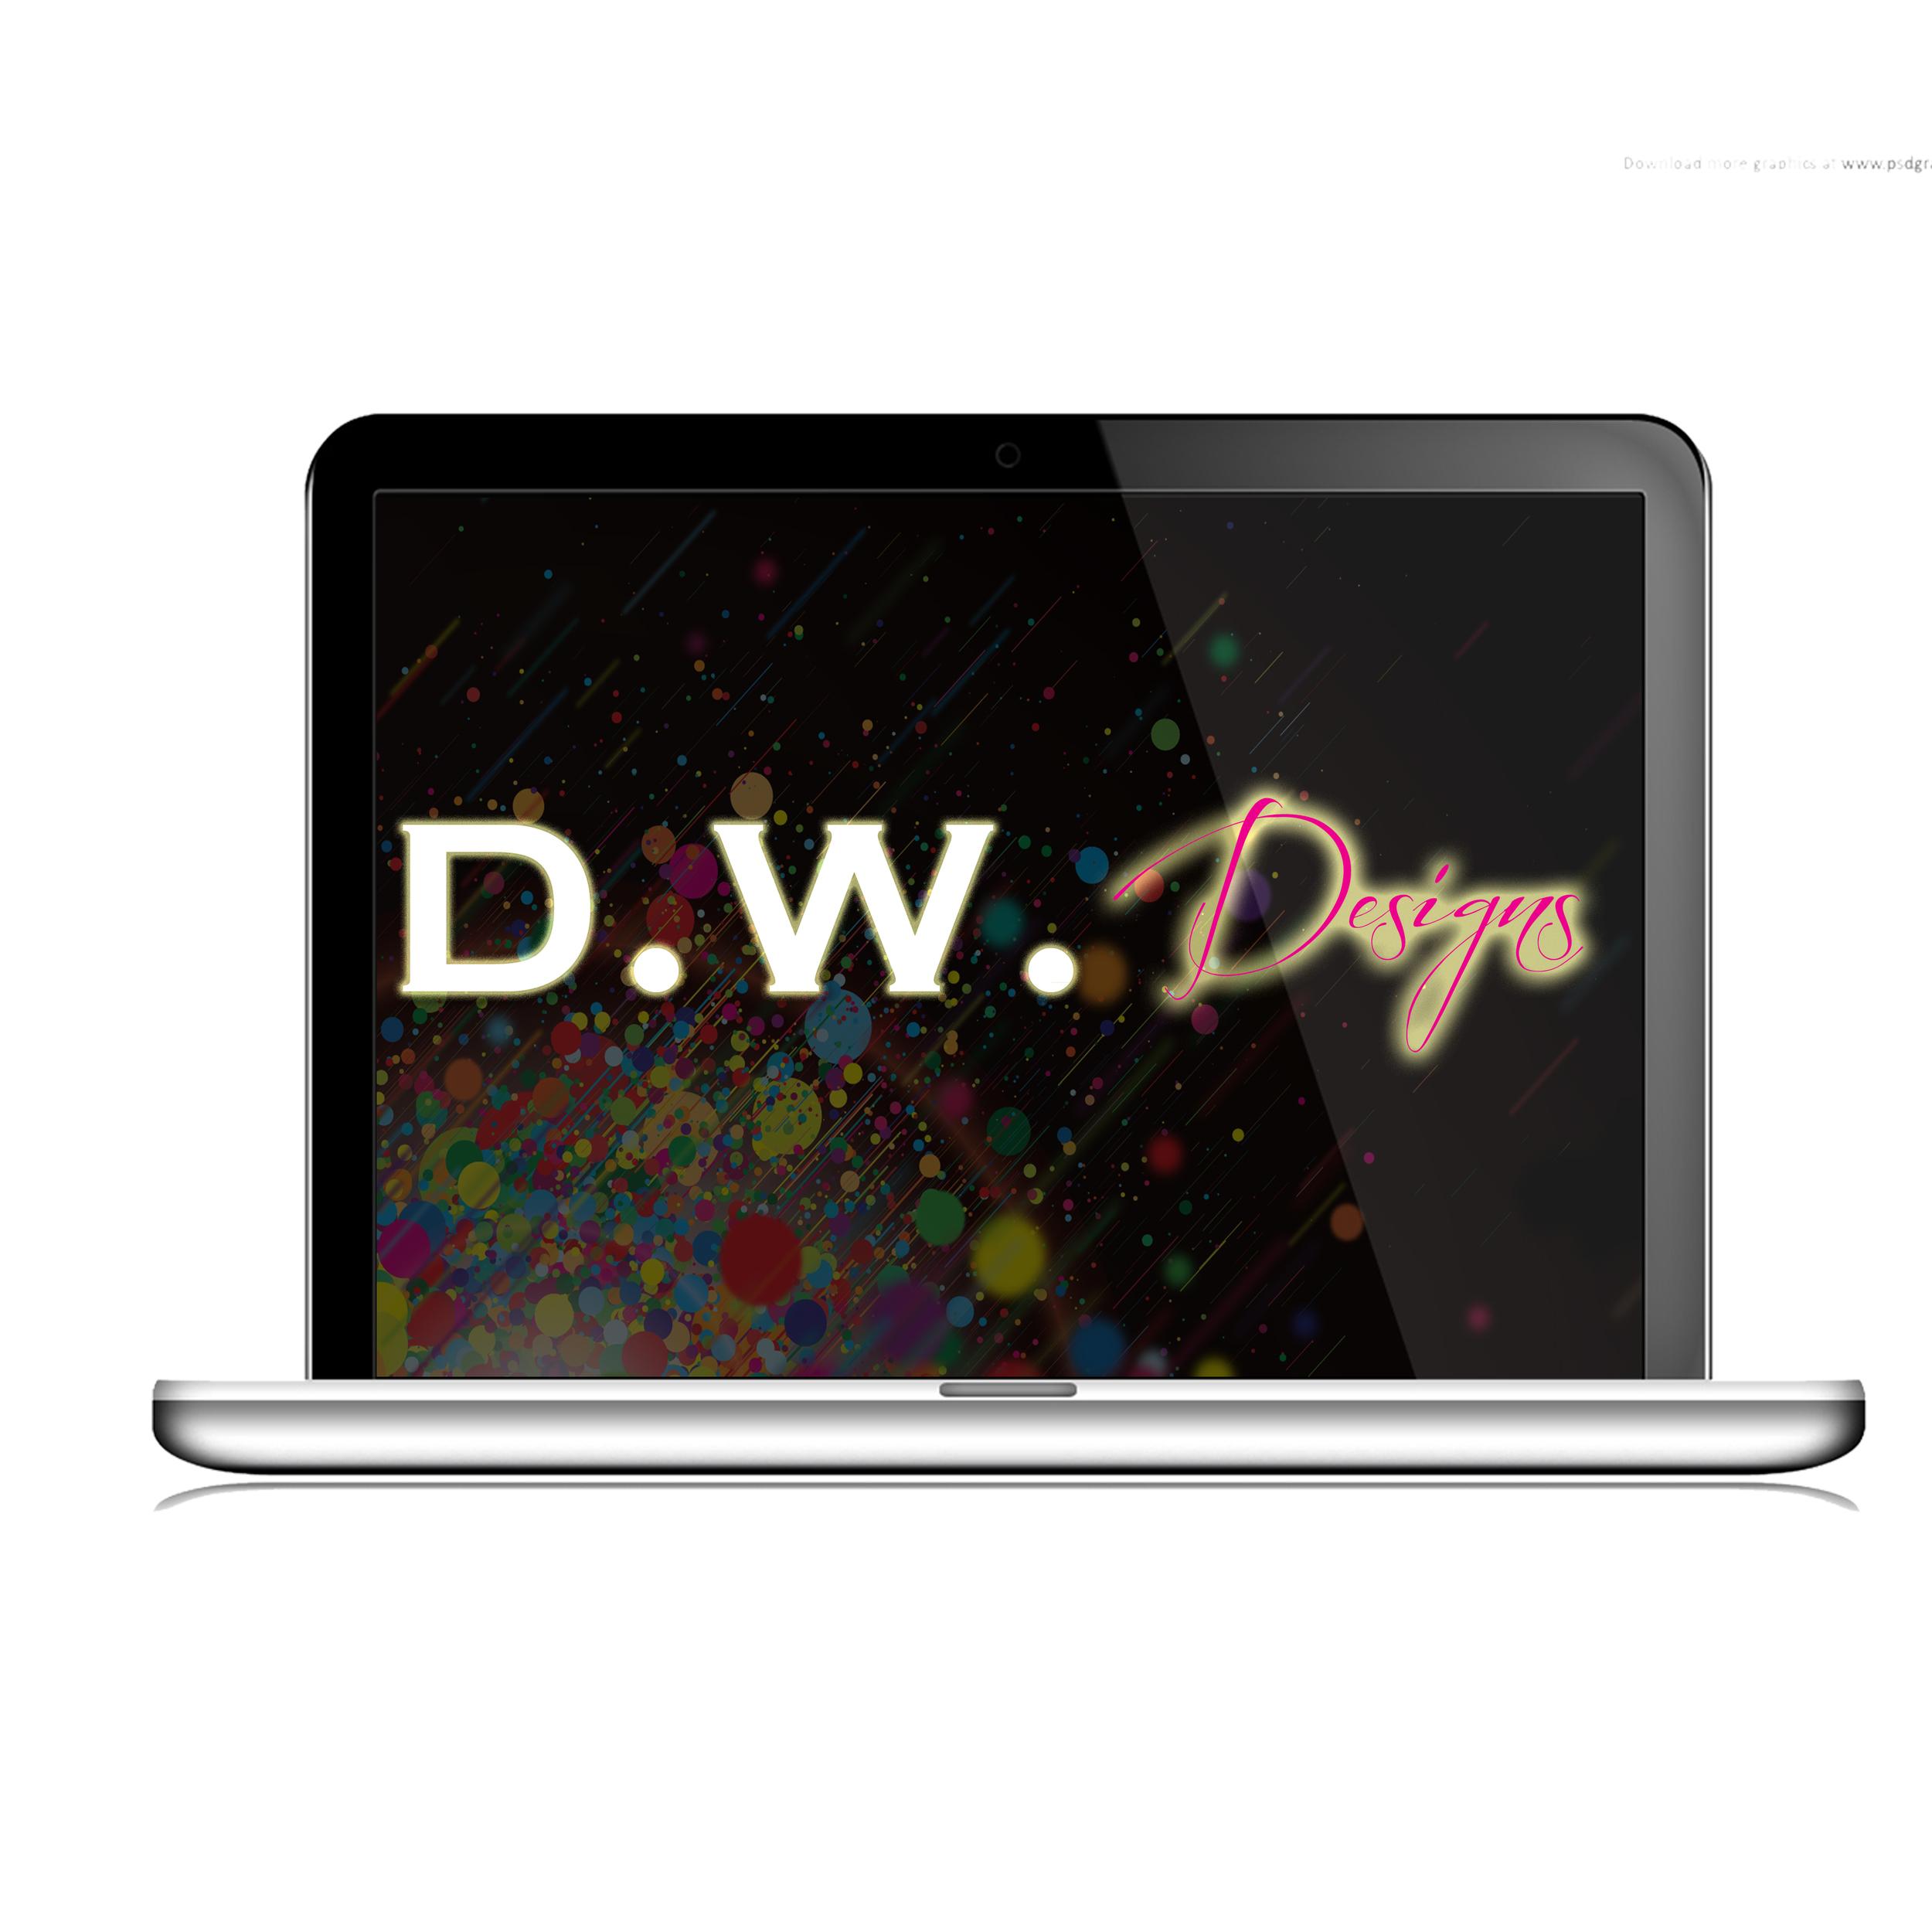 """""""D.W. Designs"""" Web Design Company"""